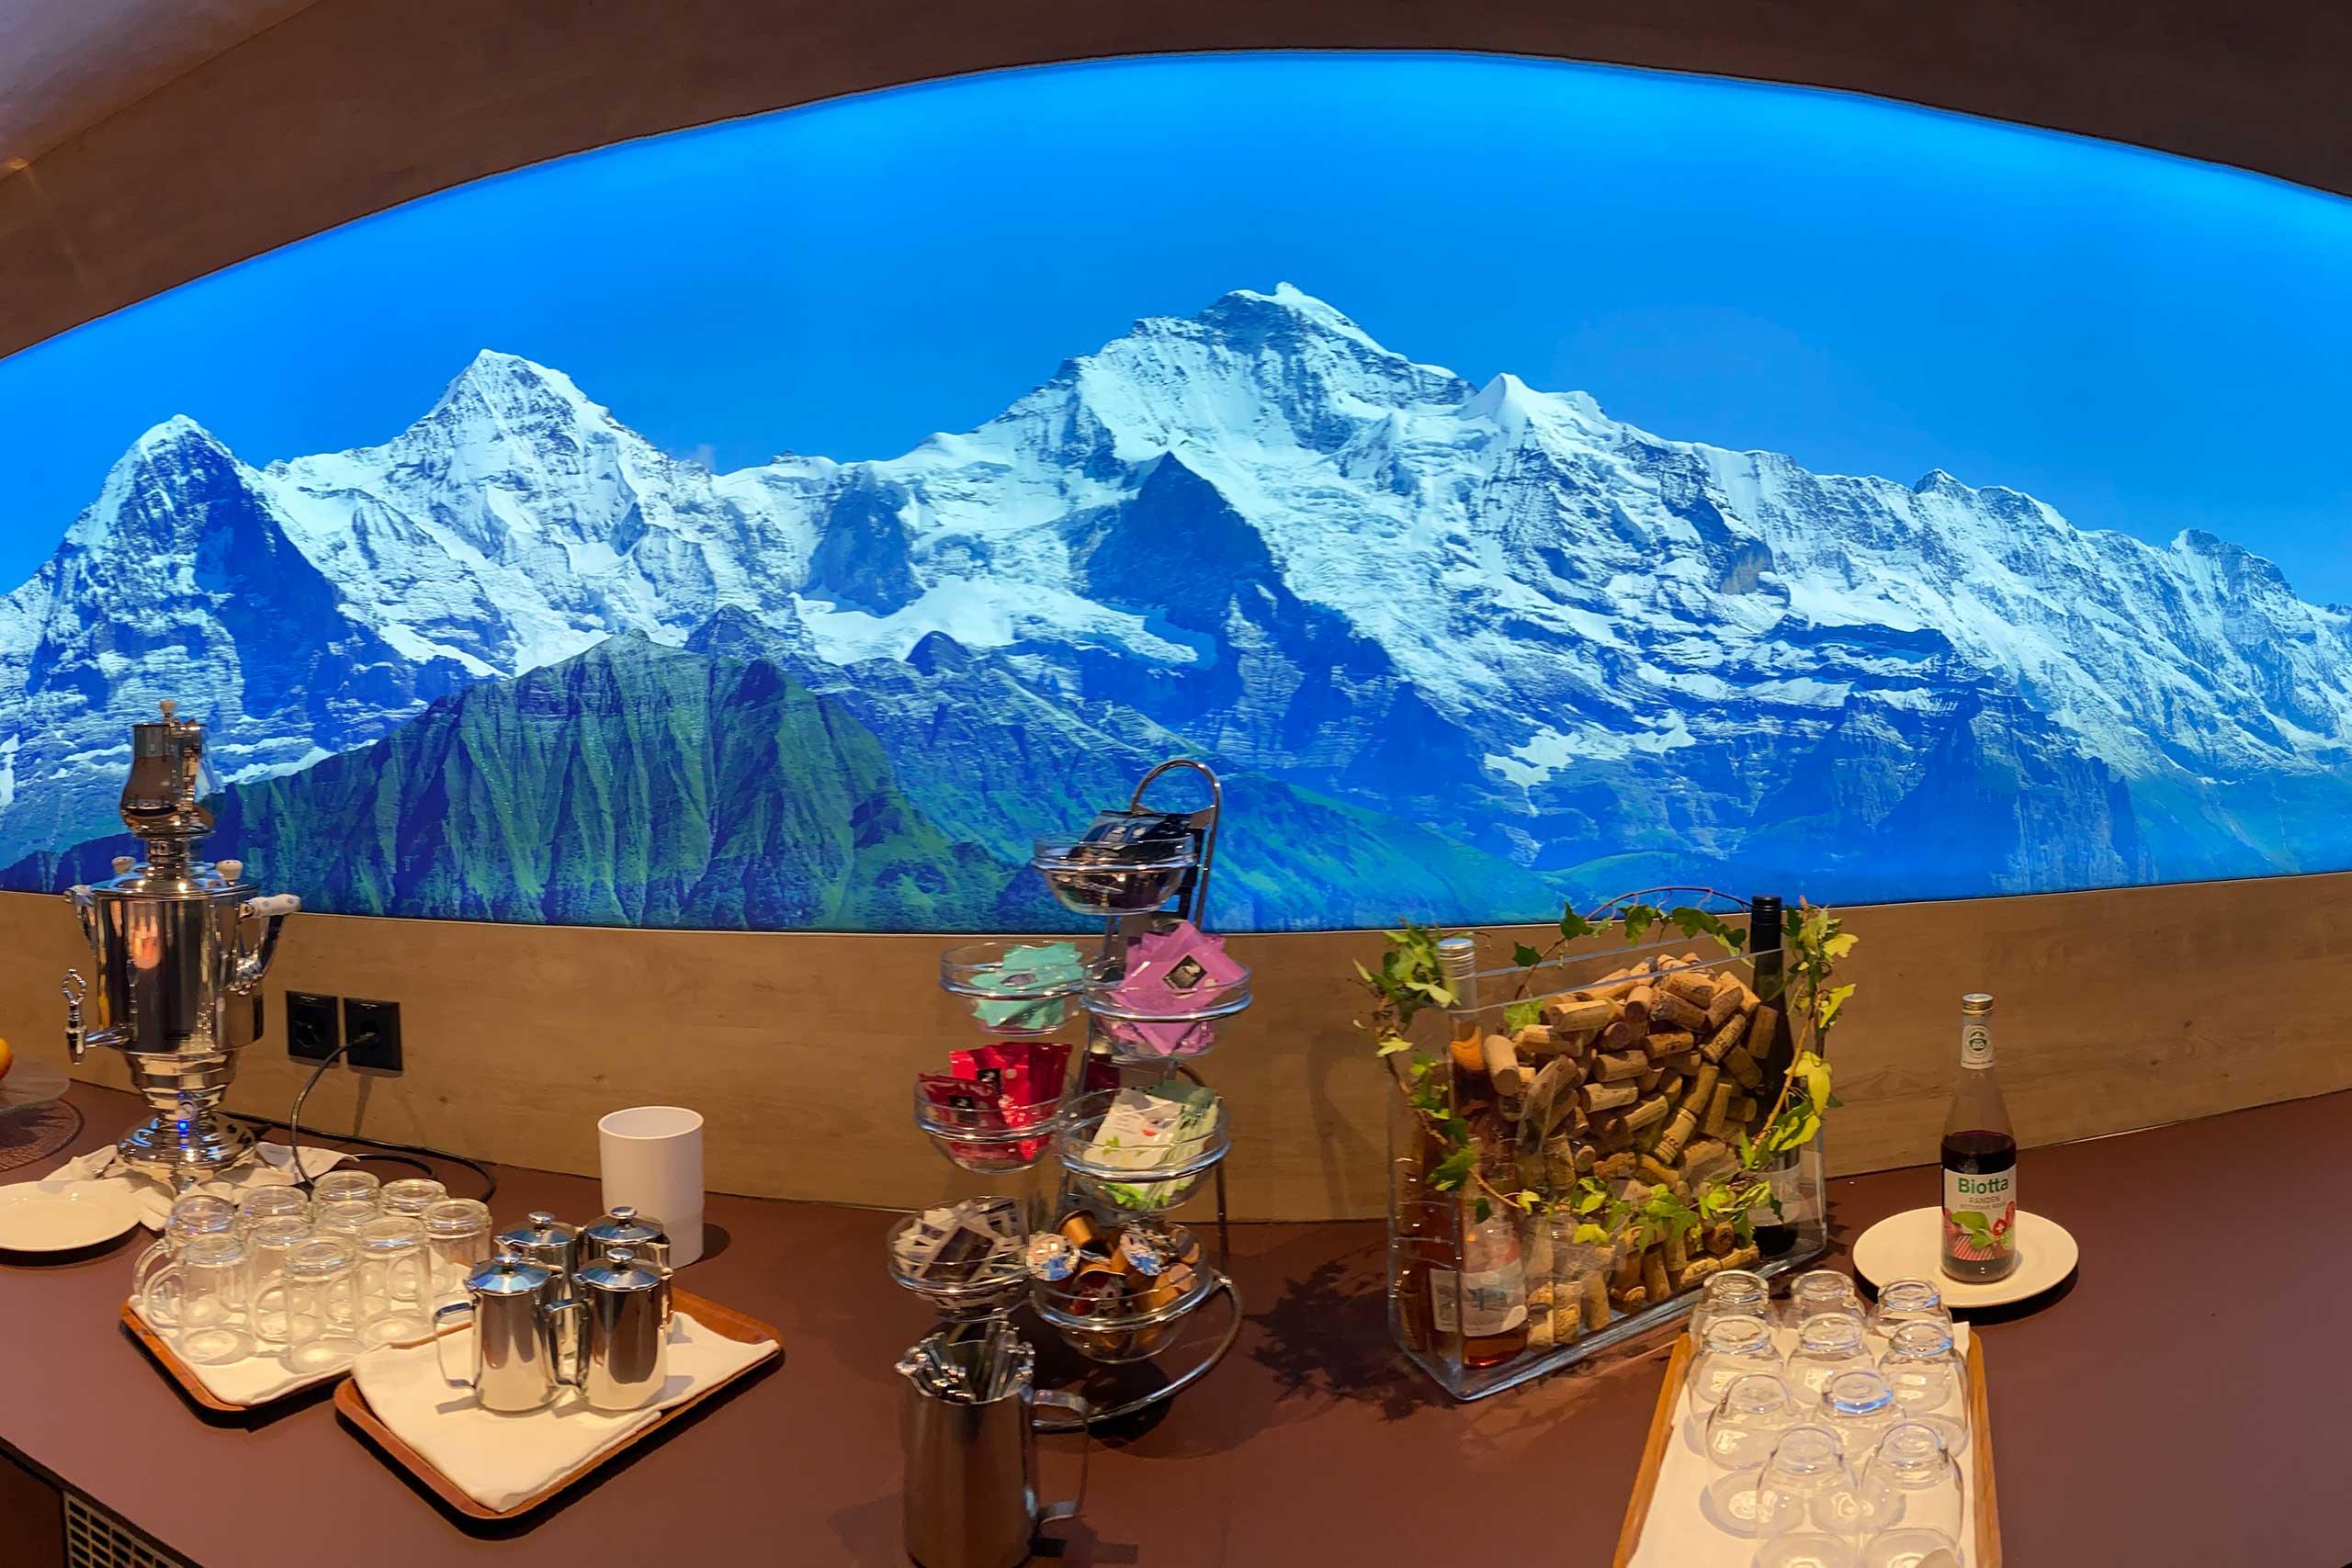 hotel-seaside-abz-bild-panorama.jpg